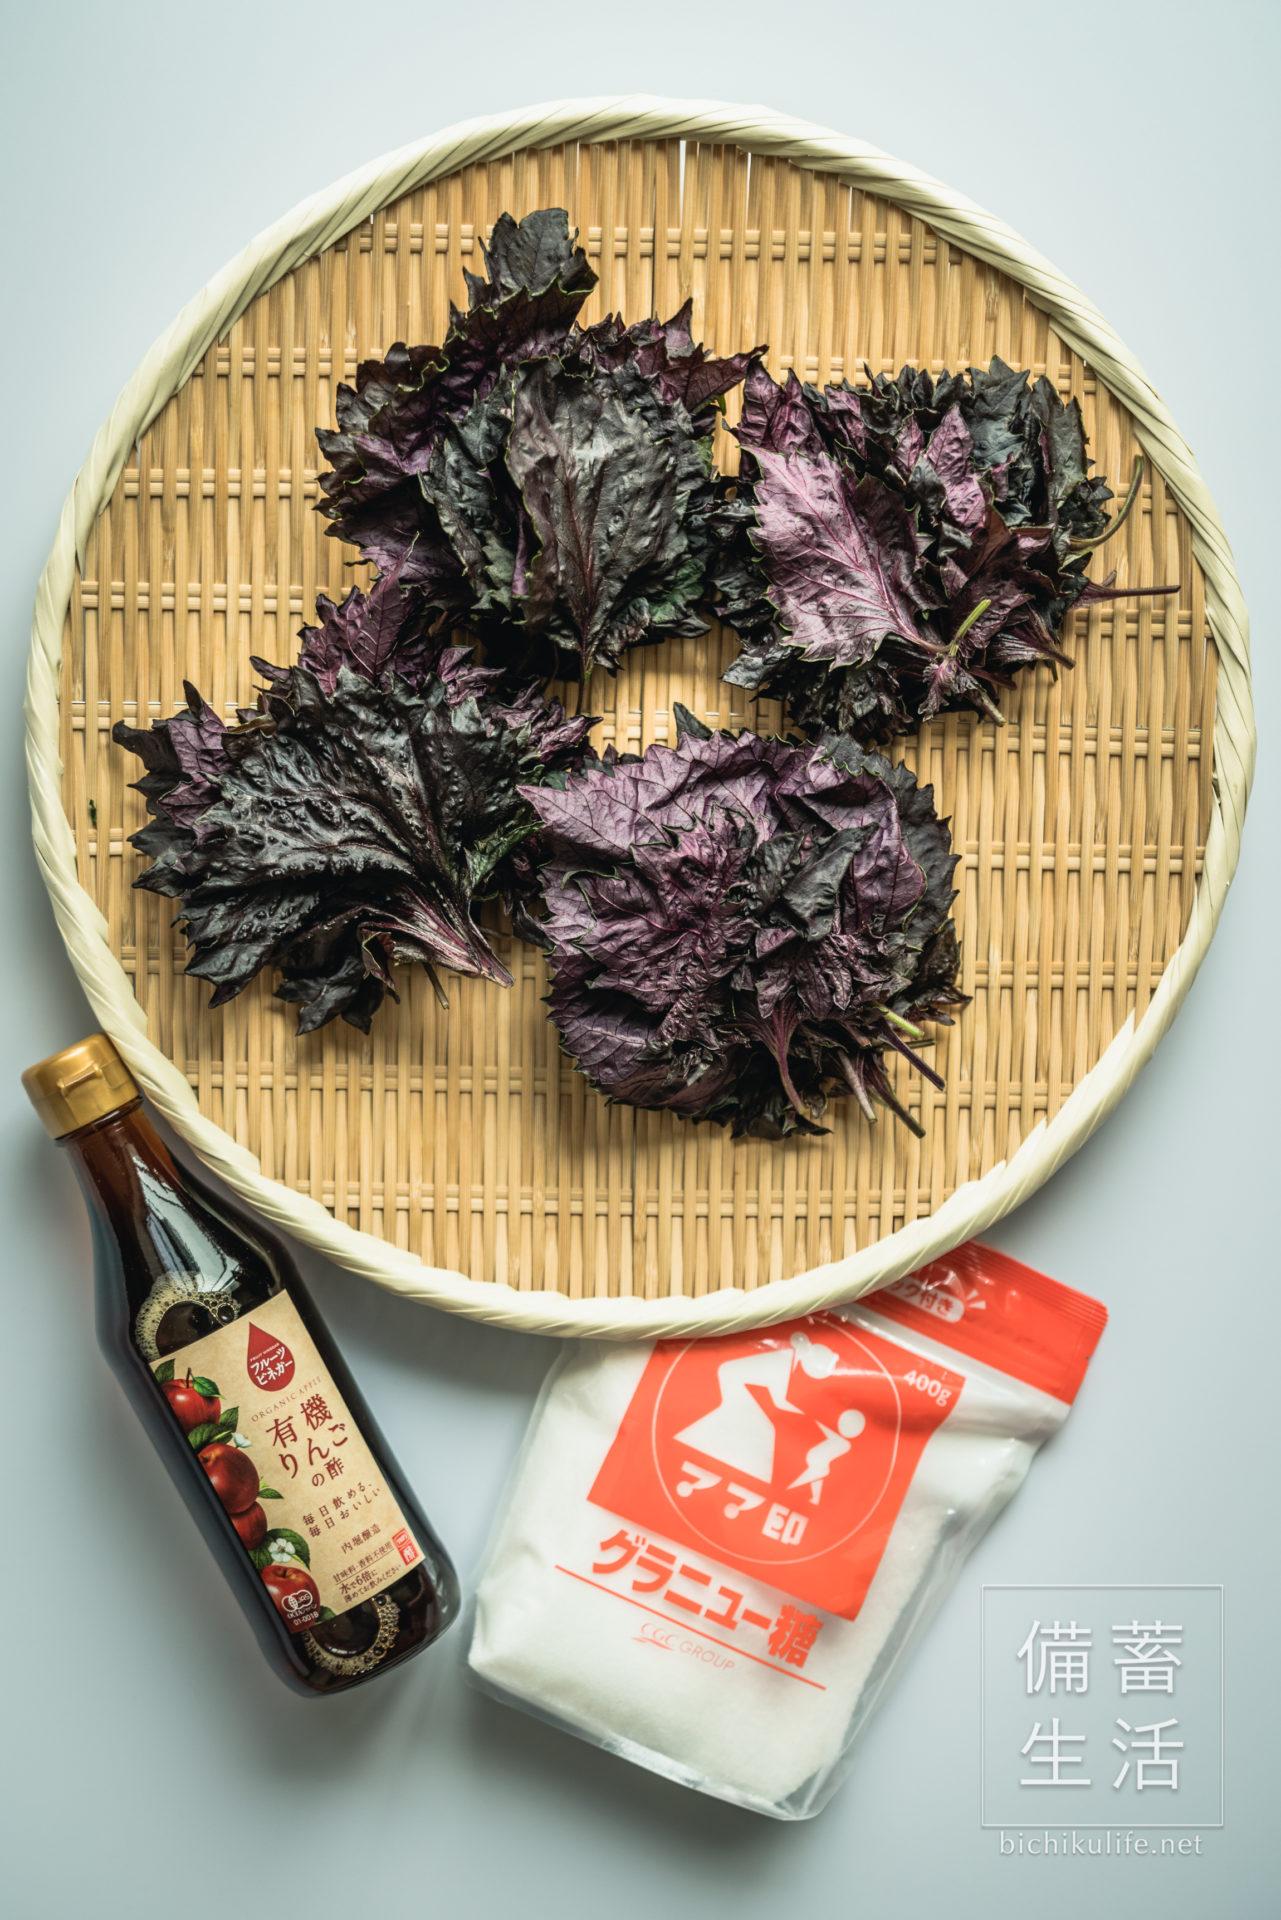 しそジュースづくり 自家製しそジュースのレシピ、自家製赤じそジュース作りに必要な材料